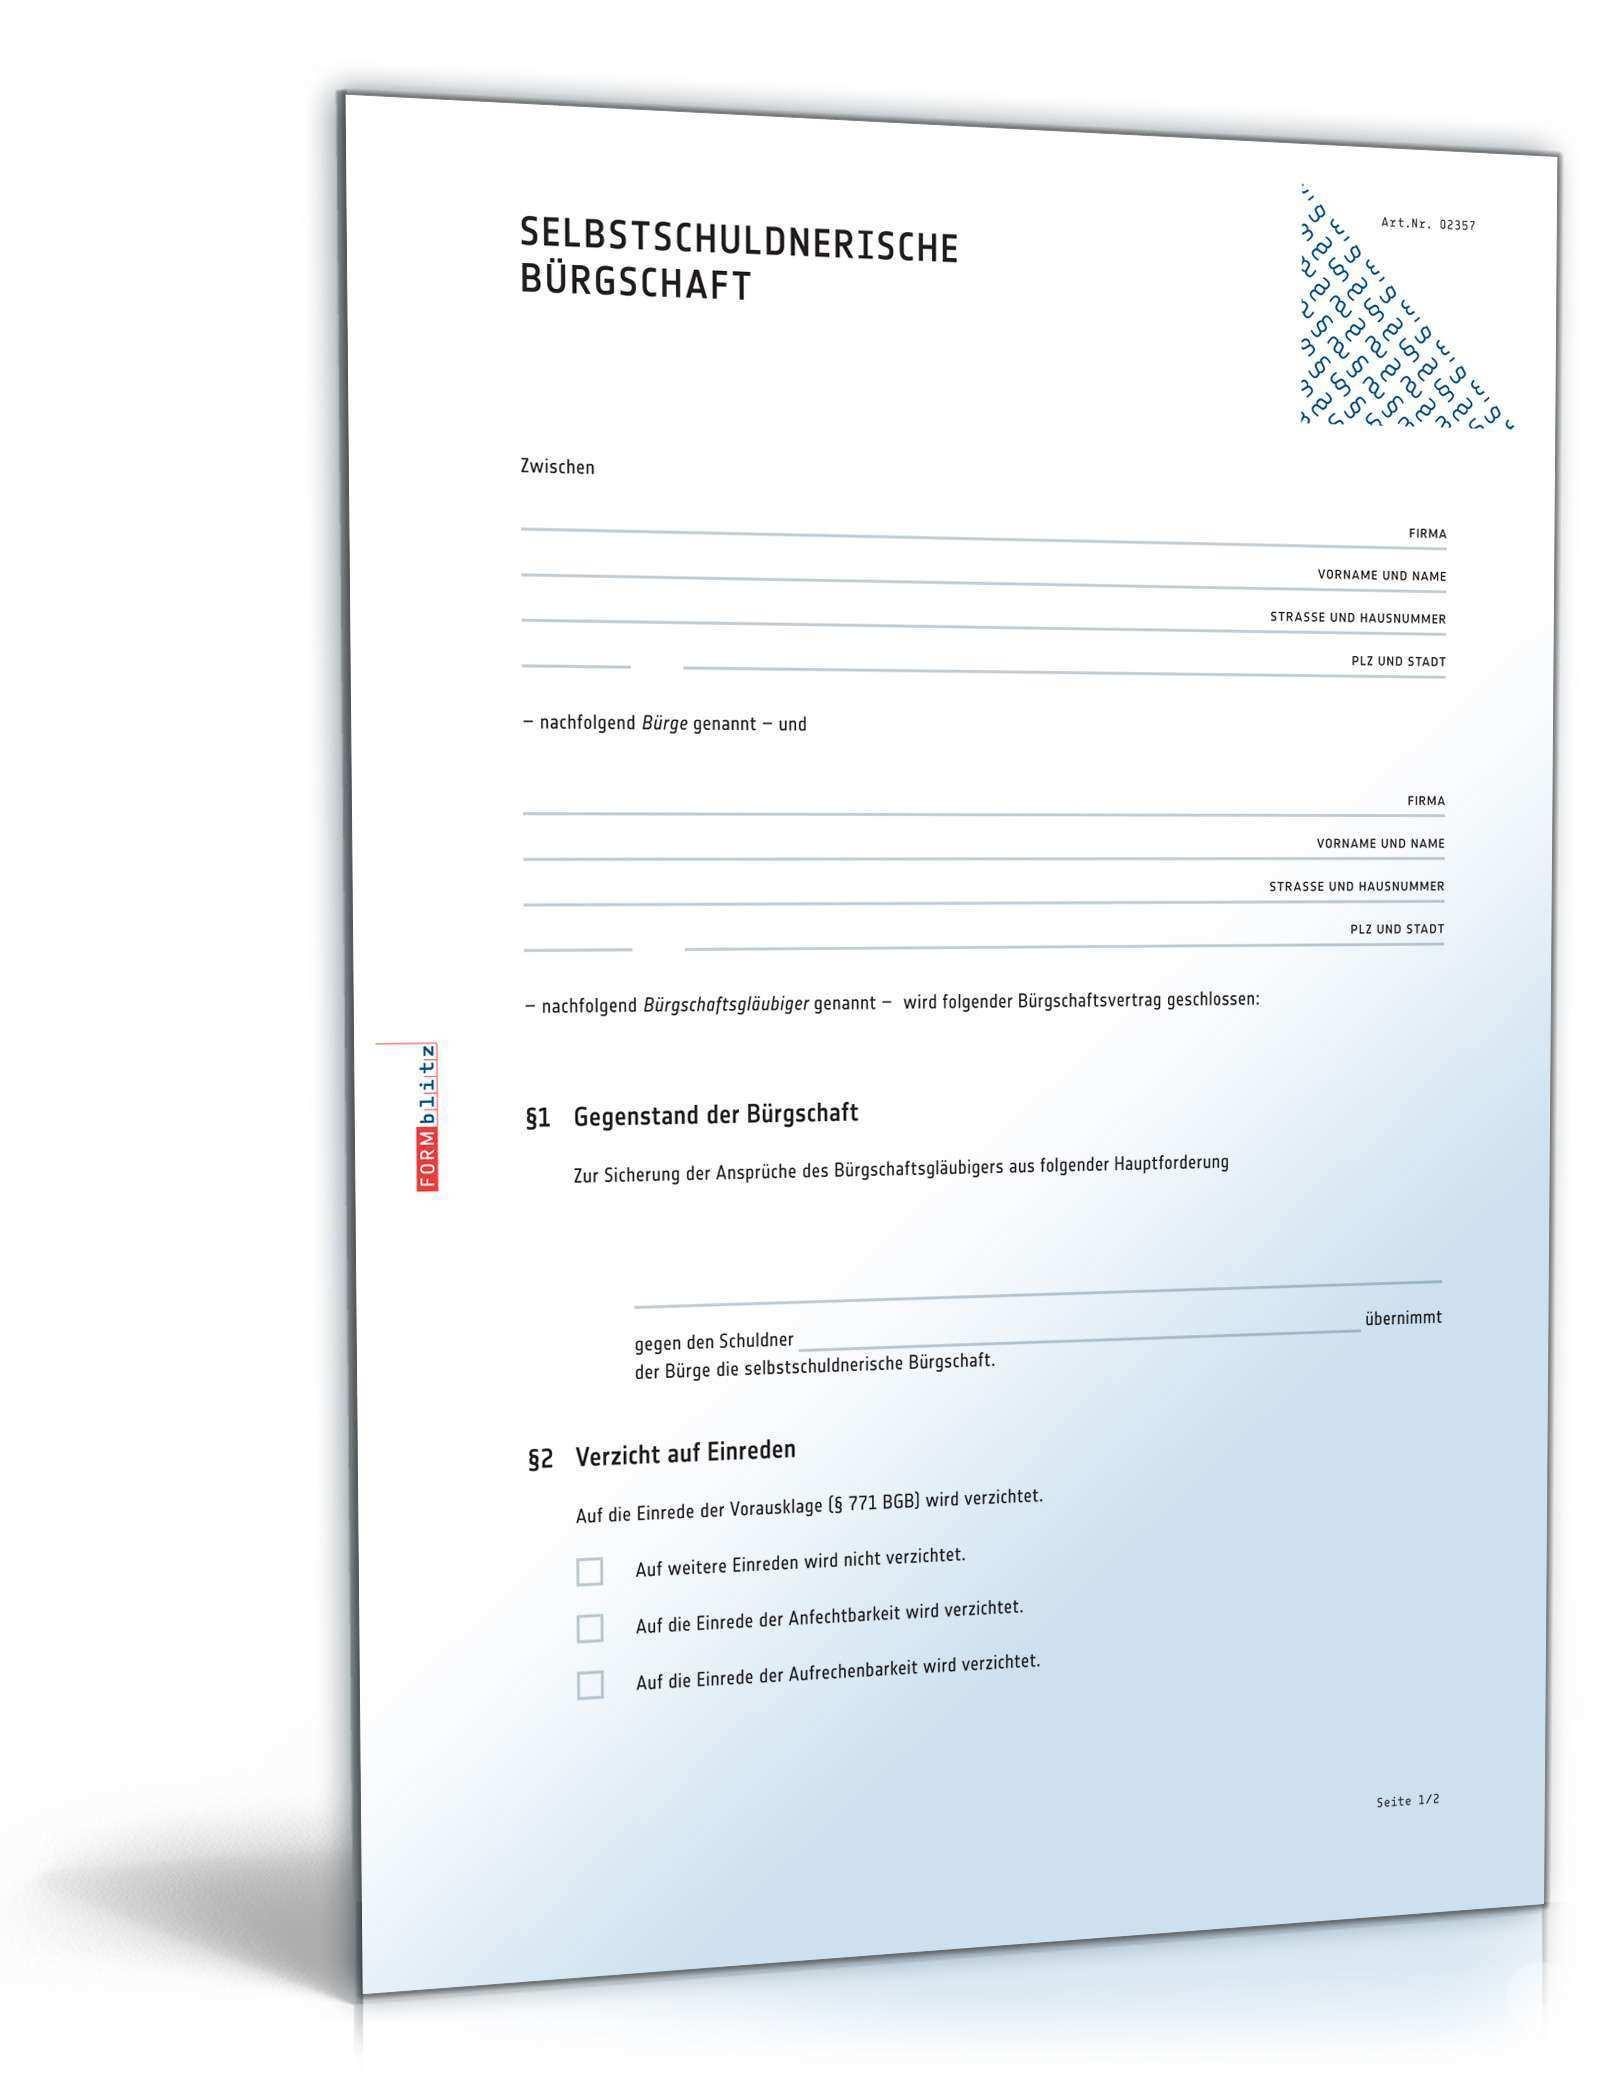 Selbstschuldnerische Burgschaft Muster Vorlage Zum Download